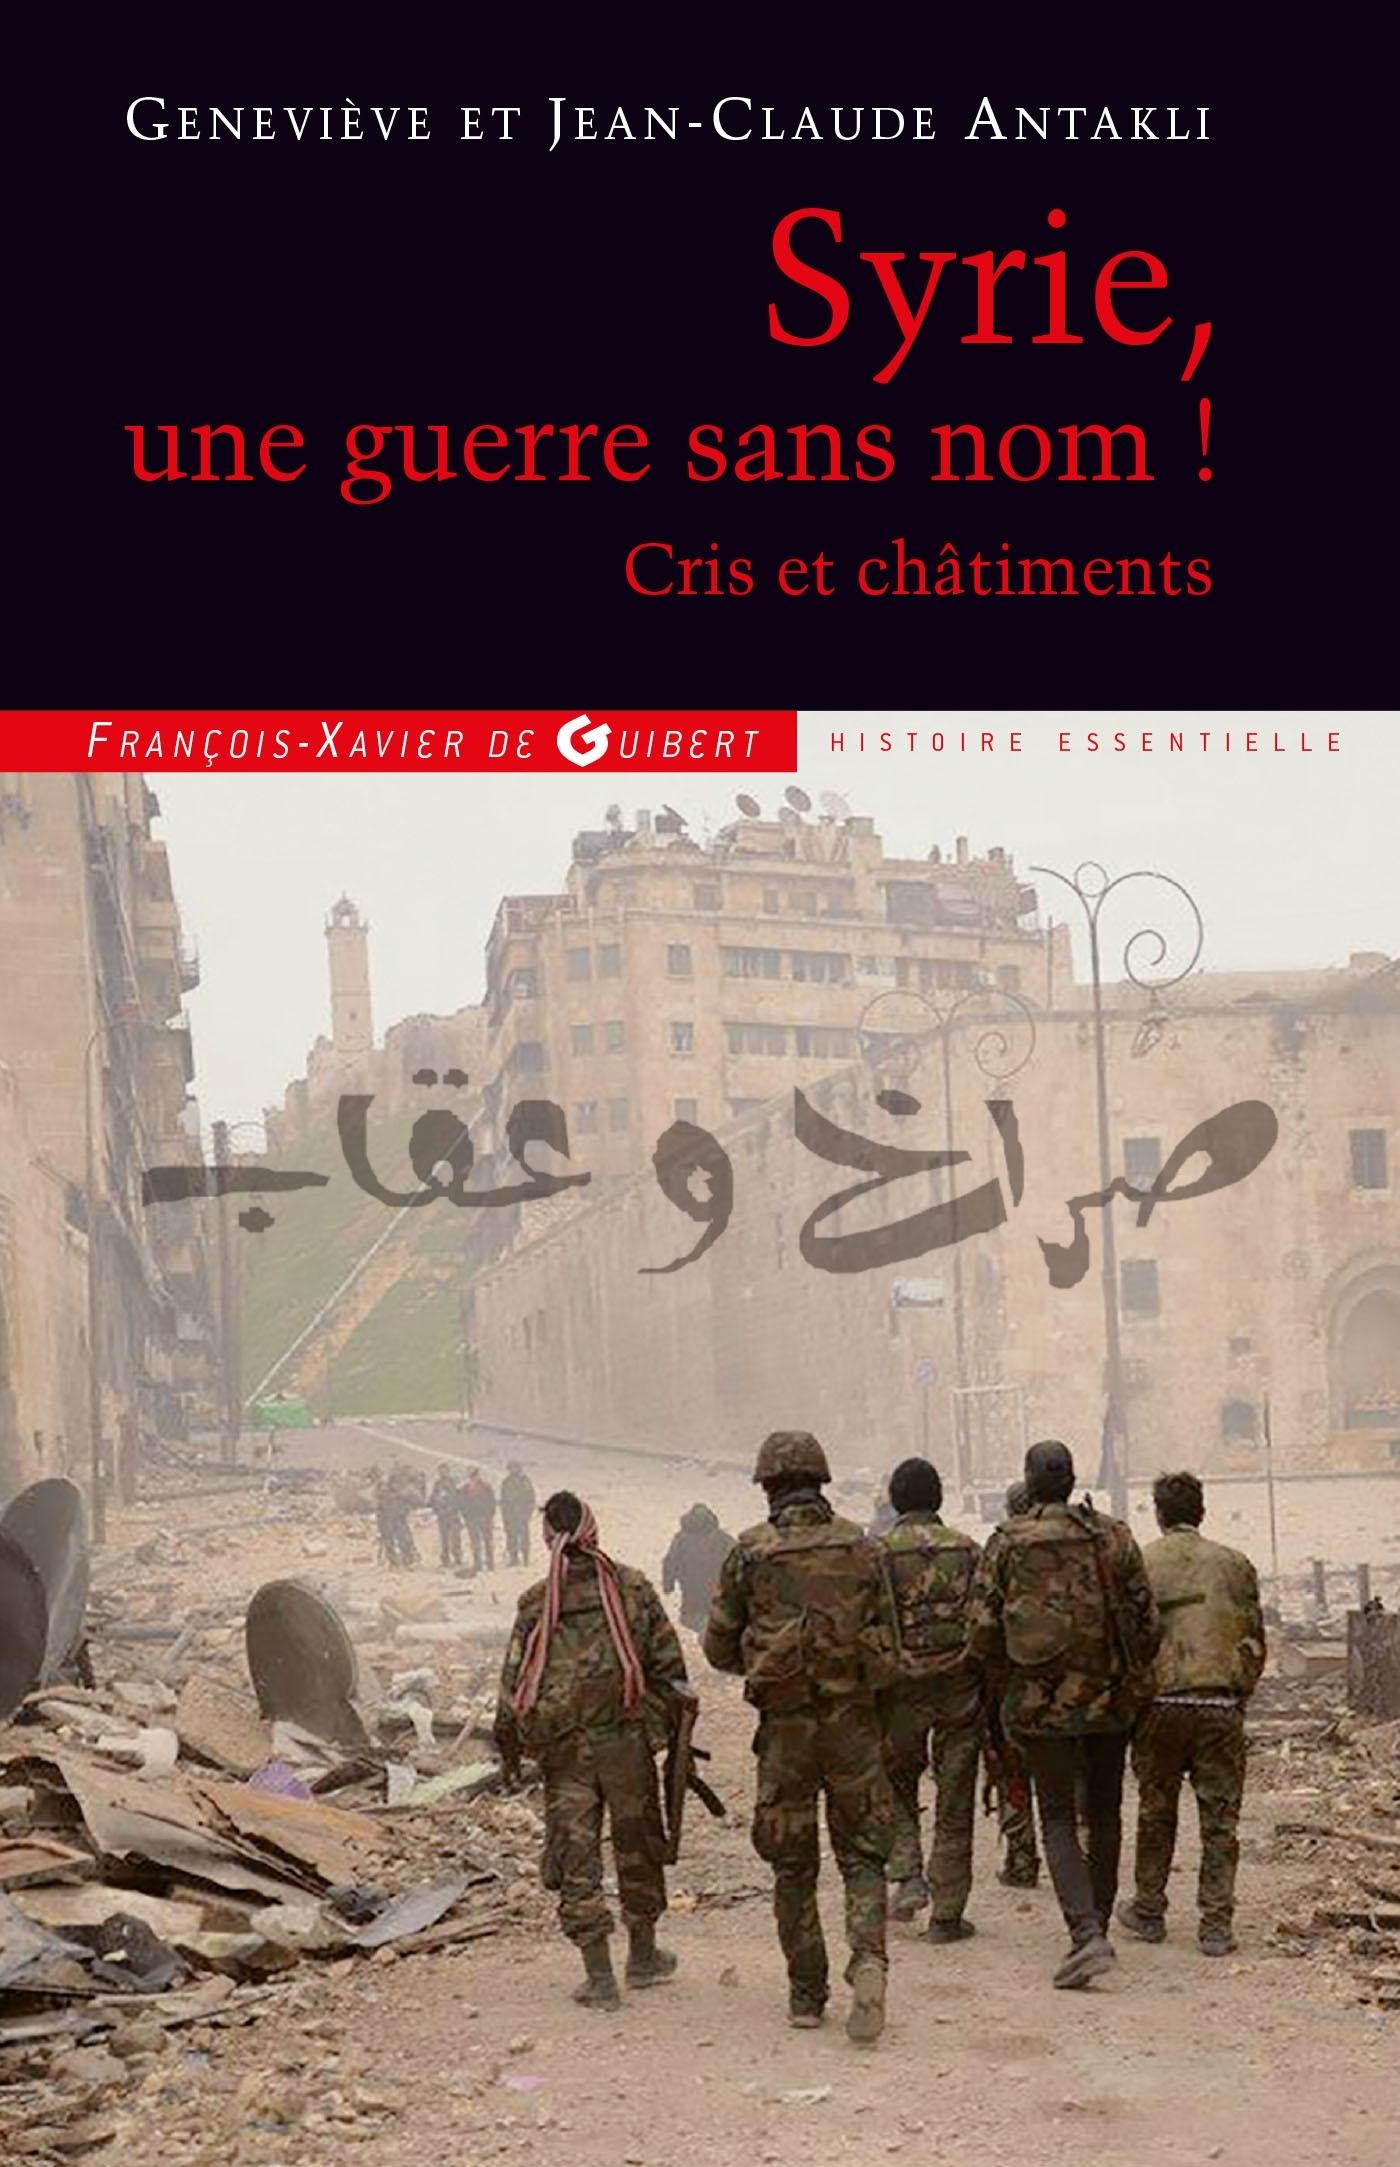 SYRIE, UNE GUERRE SANS NOM ! - CRIS ET CHATIMENTS